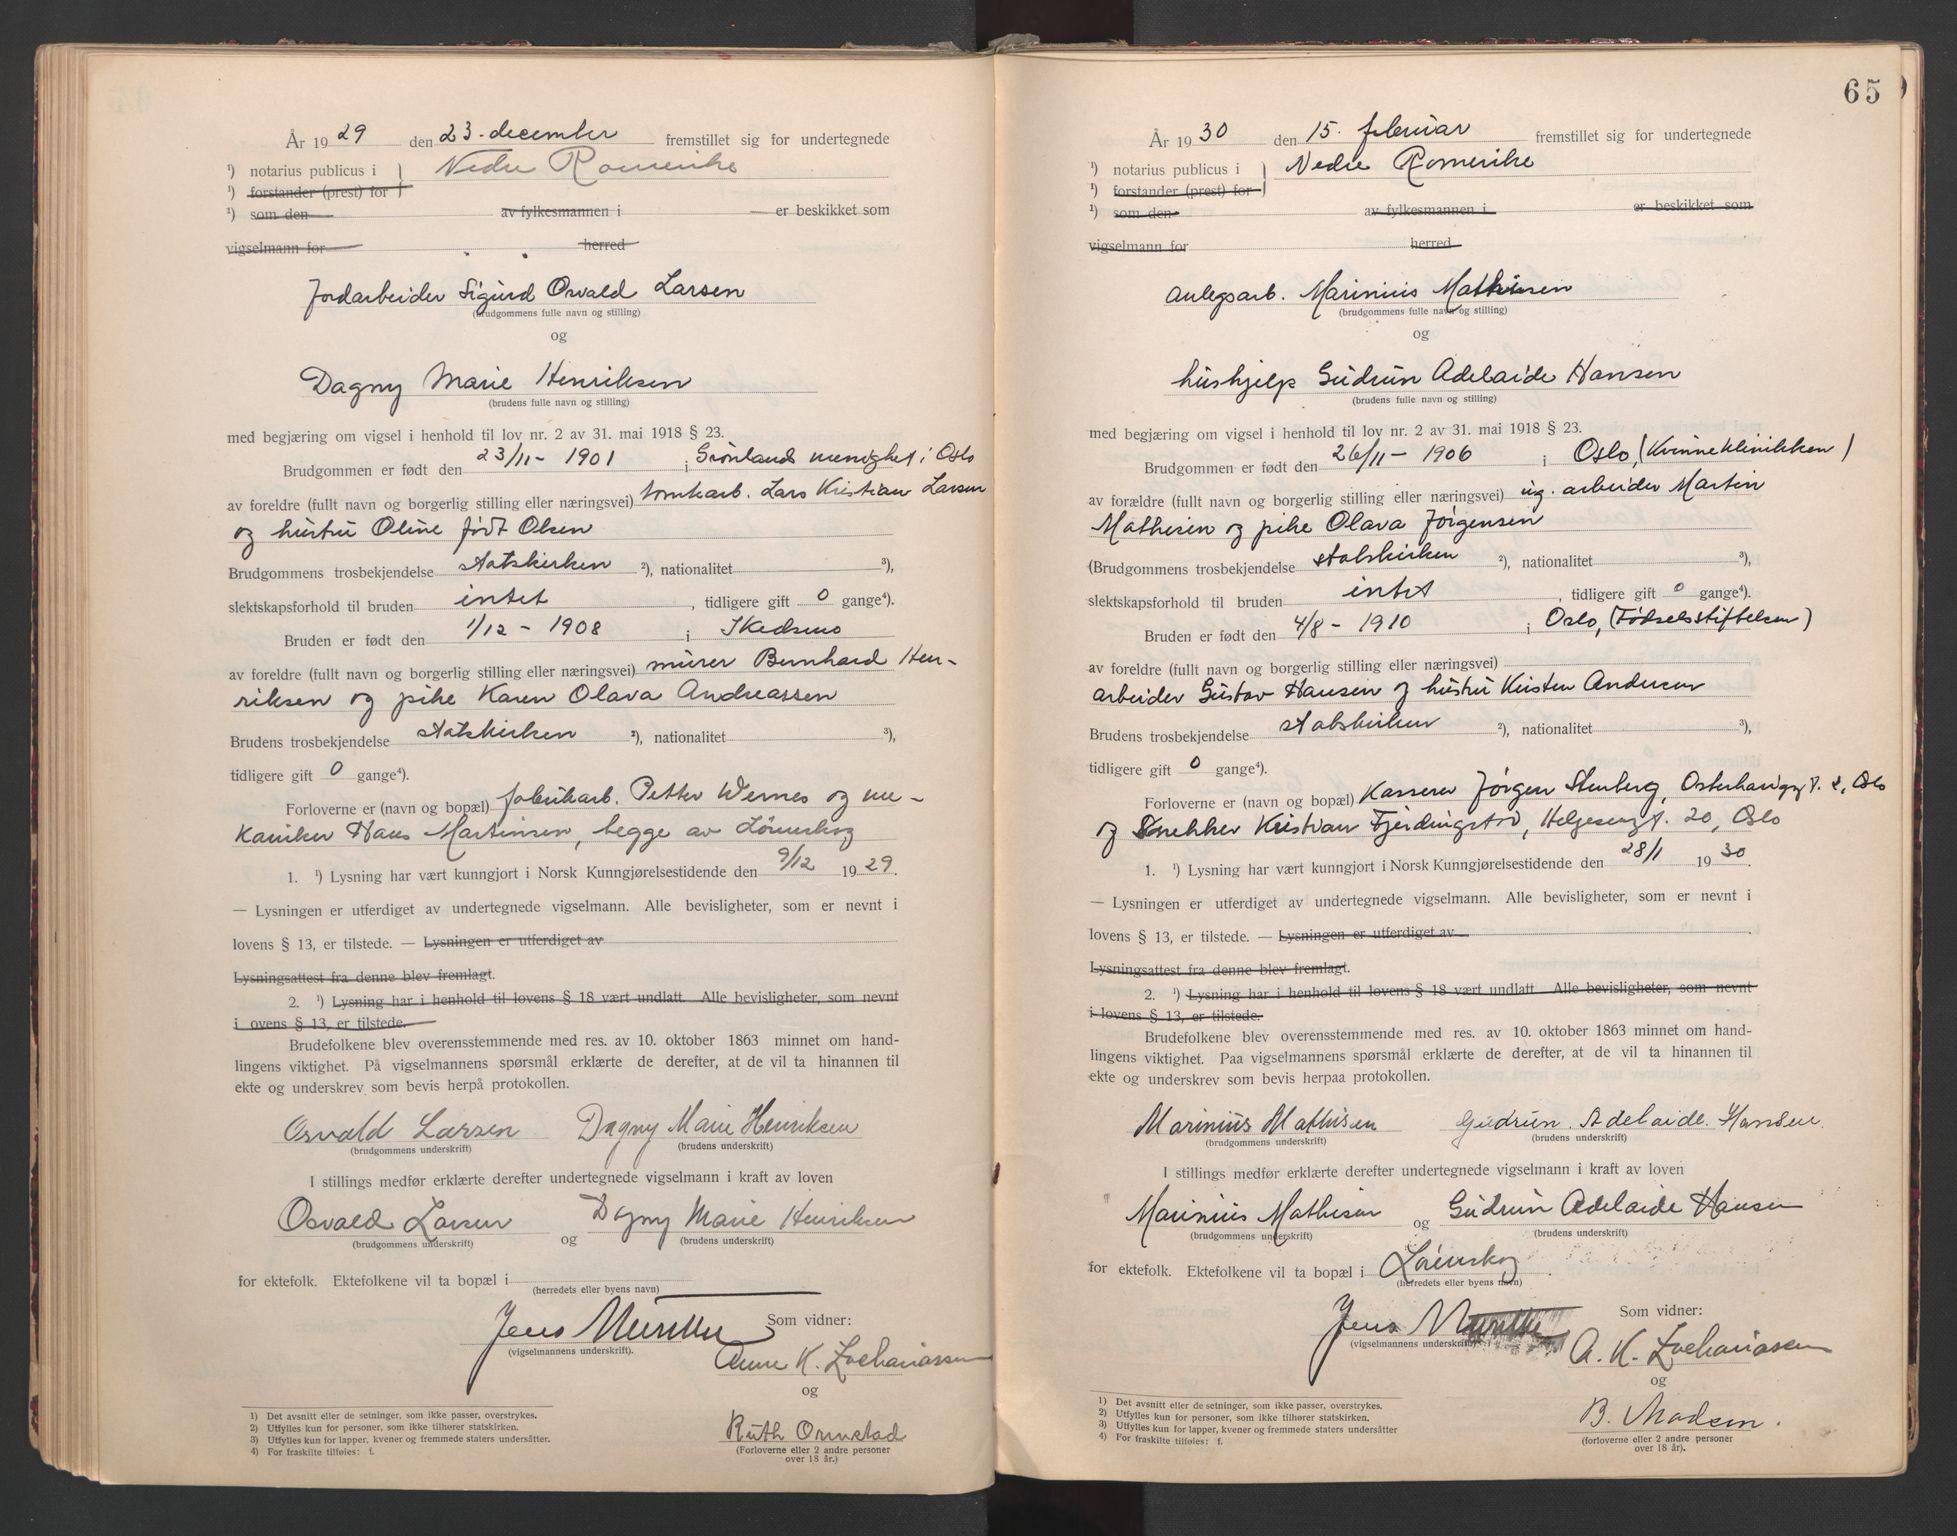 SAO, Nedre Romerike sorenskriveri, L/Lb/L0001: Vigselsbok - borgerlige vielser, 1920-1935, s. 65